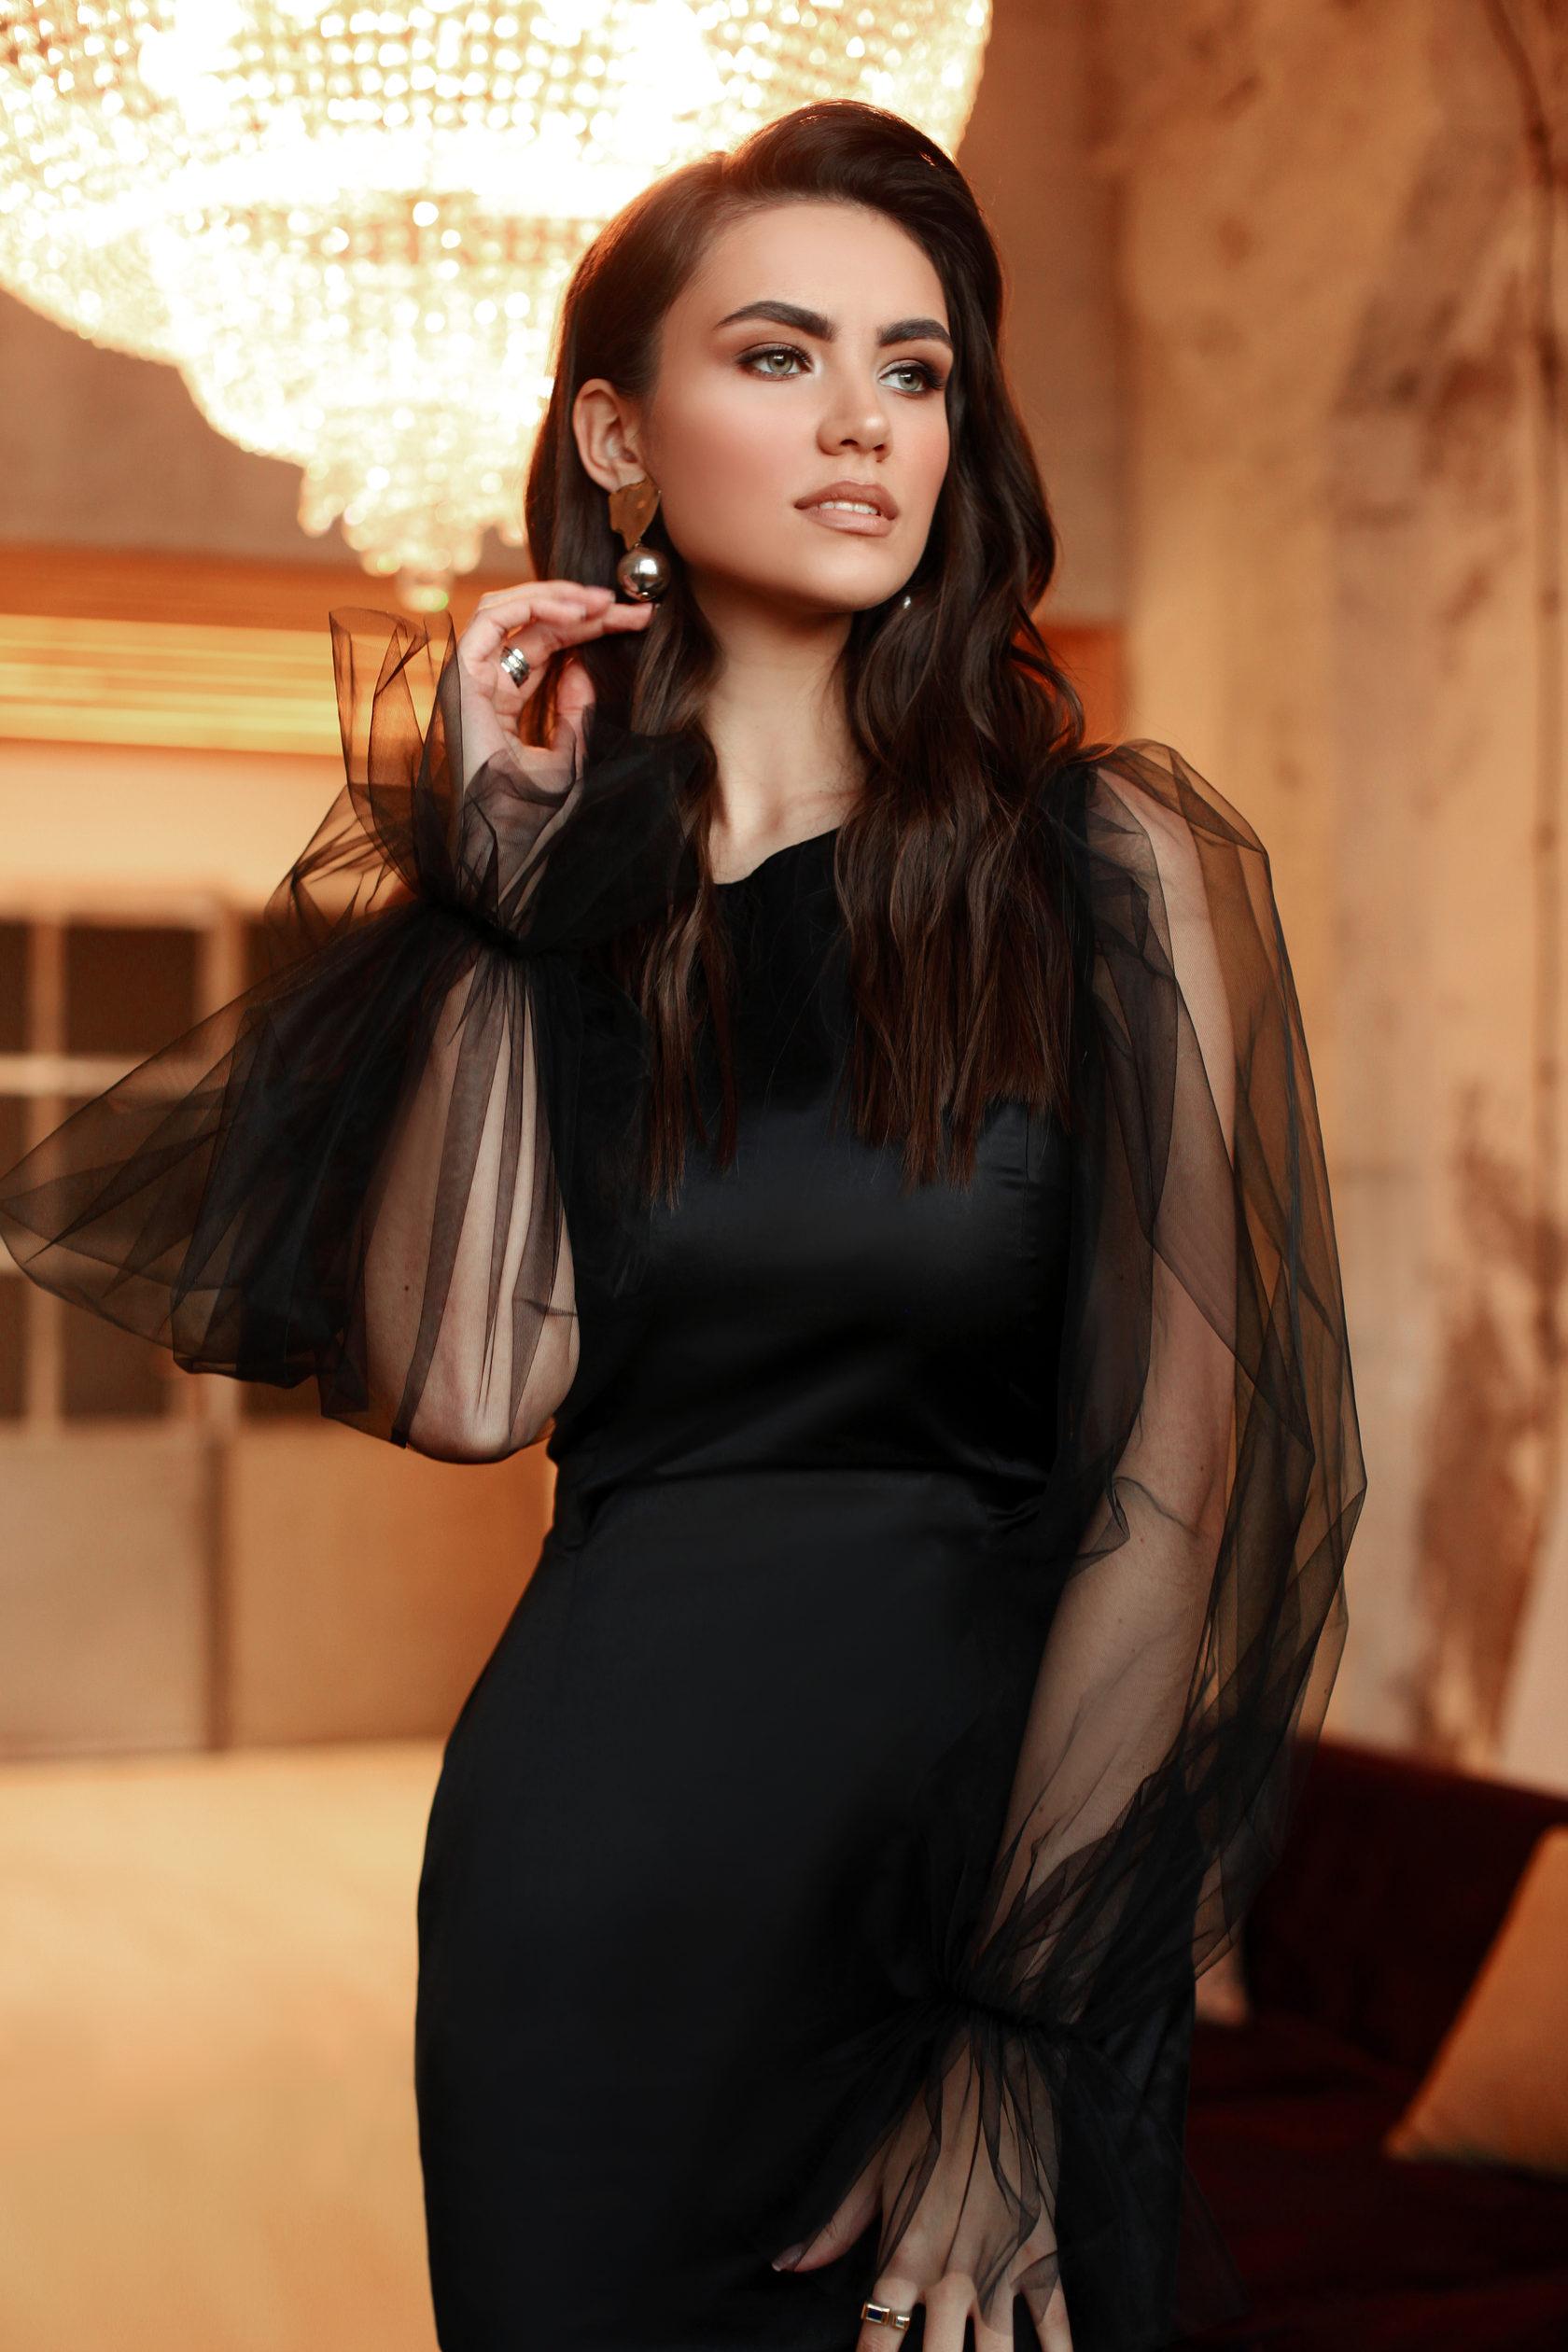 33ad15f11d5 Элегантное черное платье с рукавами из фатина MANIÉRE STUDIO